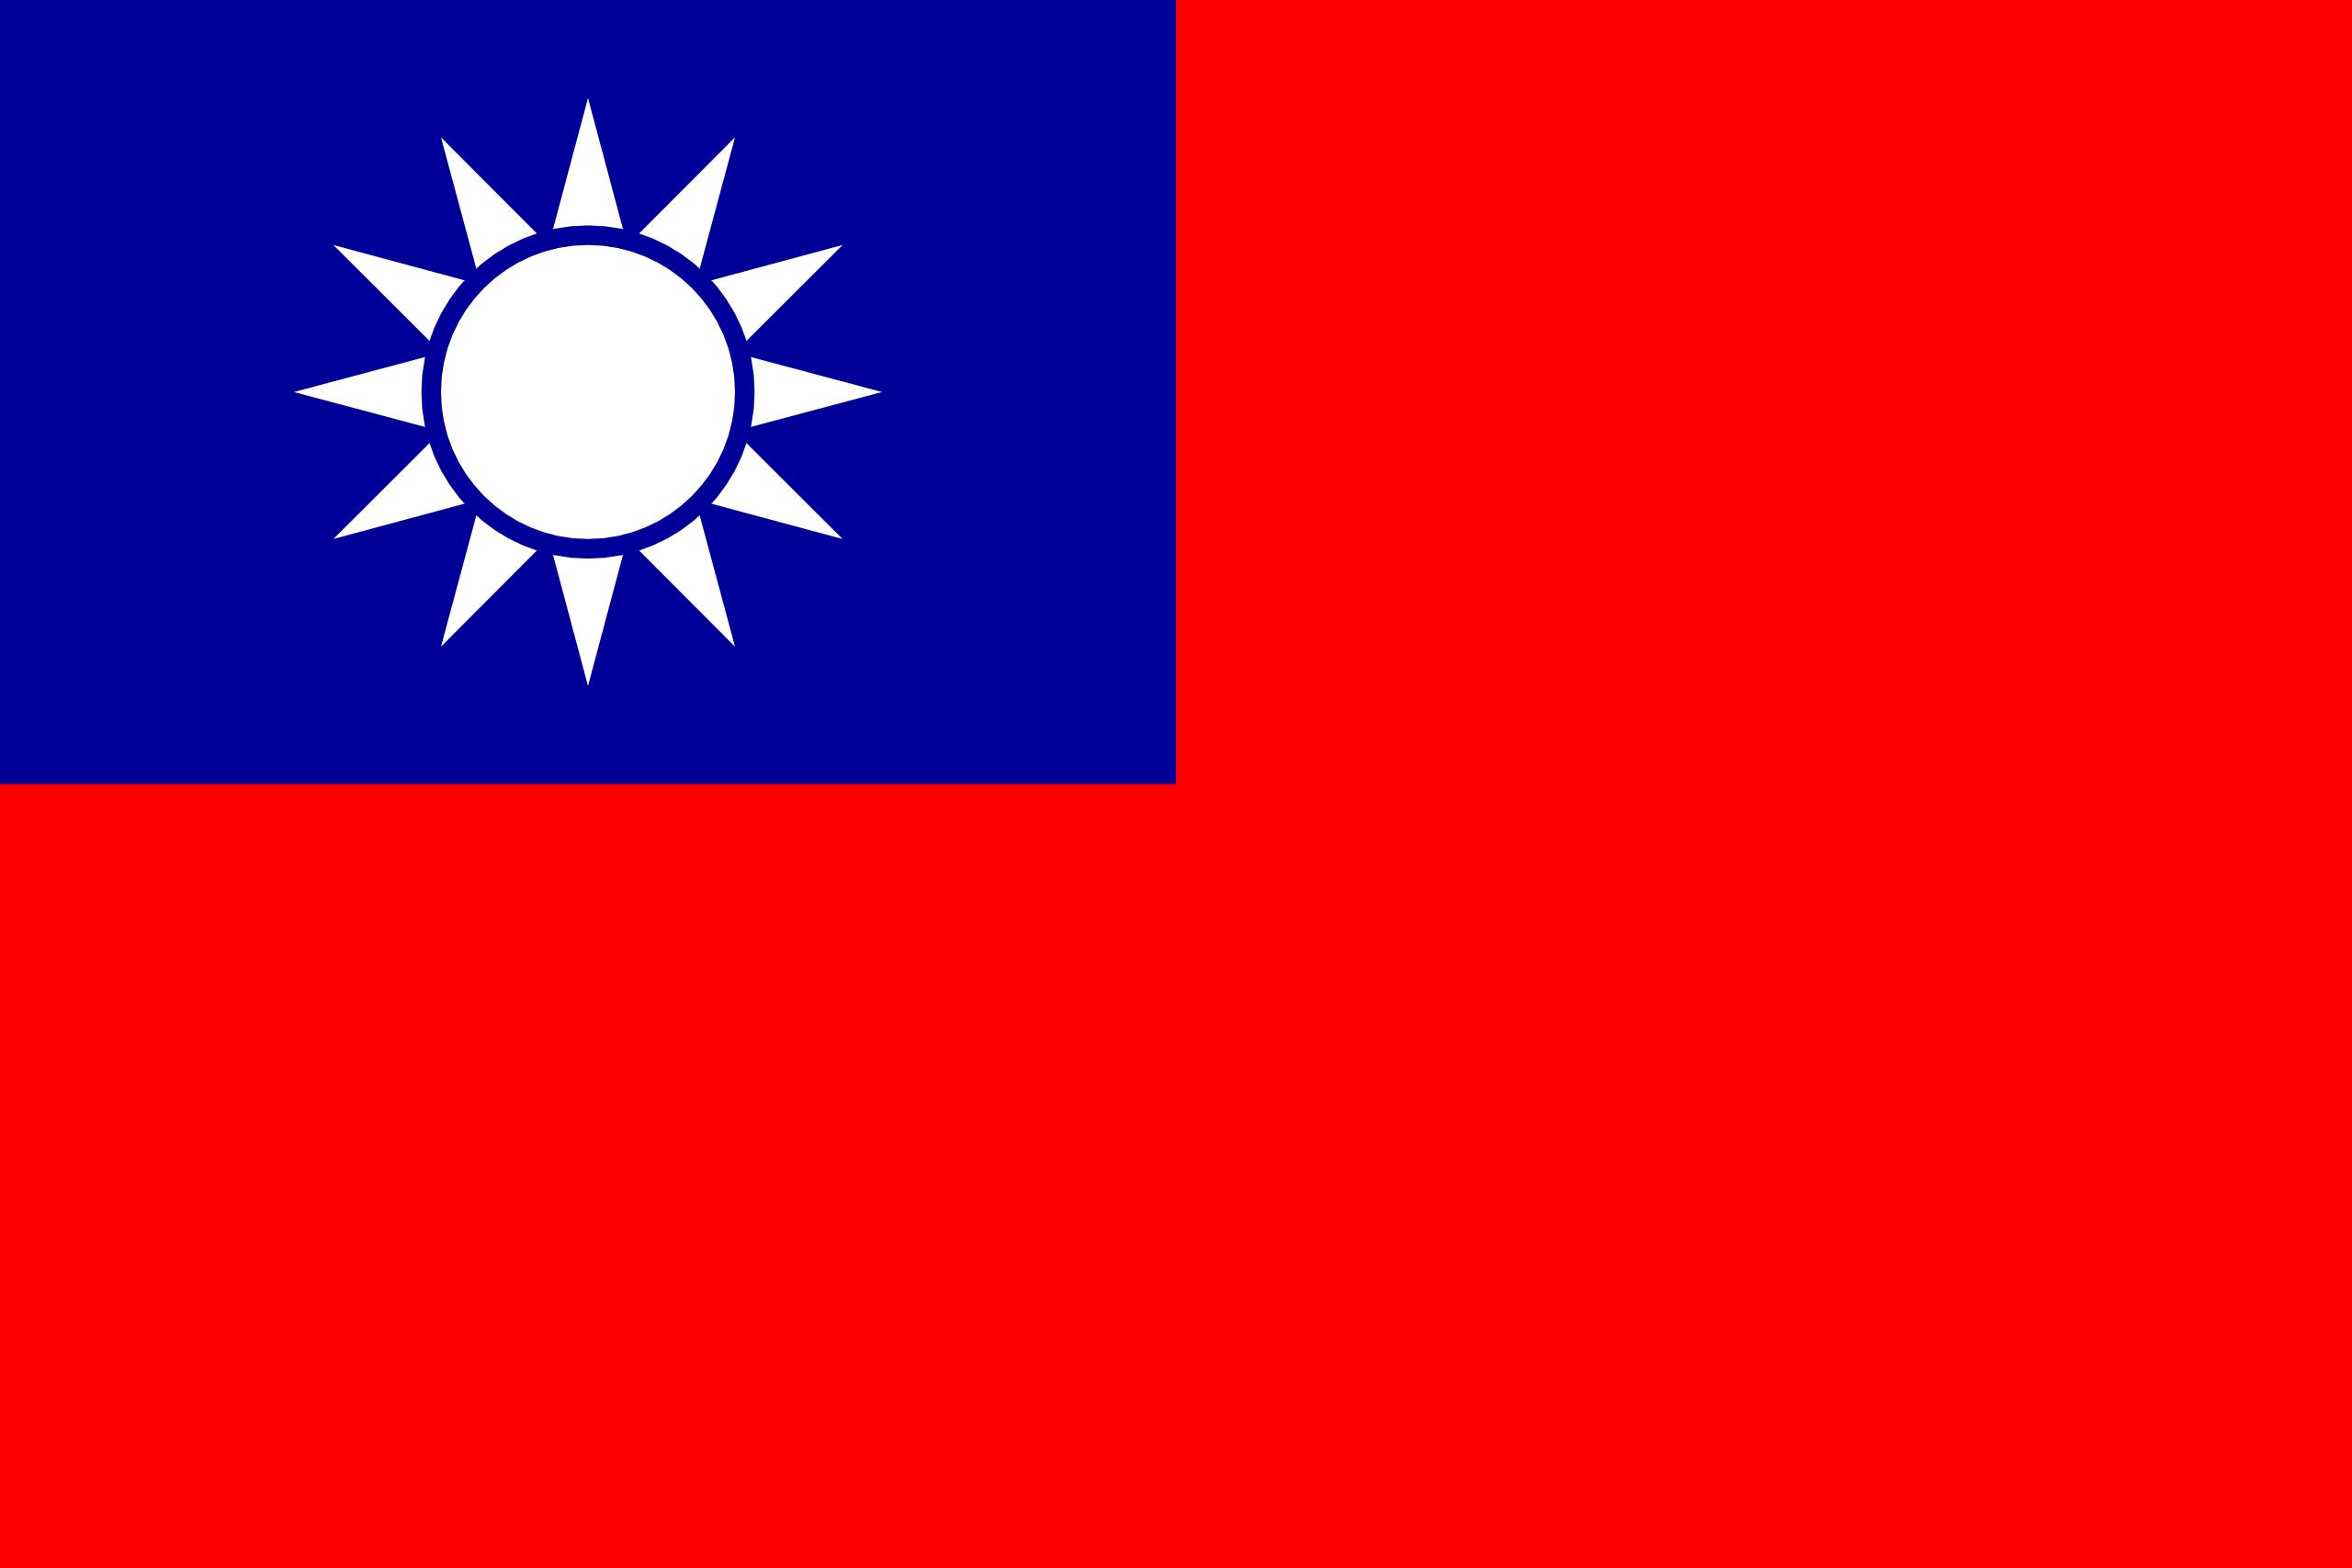 república de china, país, emblema, insignia, символ - Обои HD - Профессор falken.com